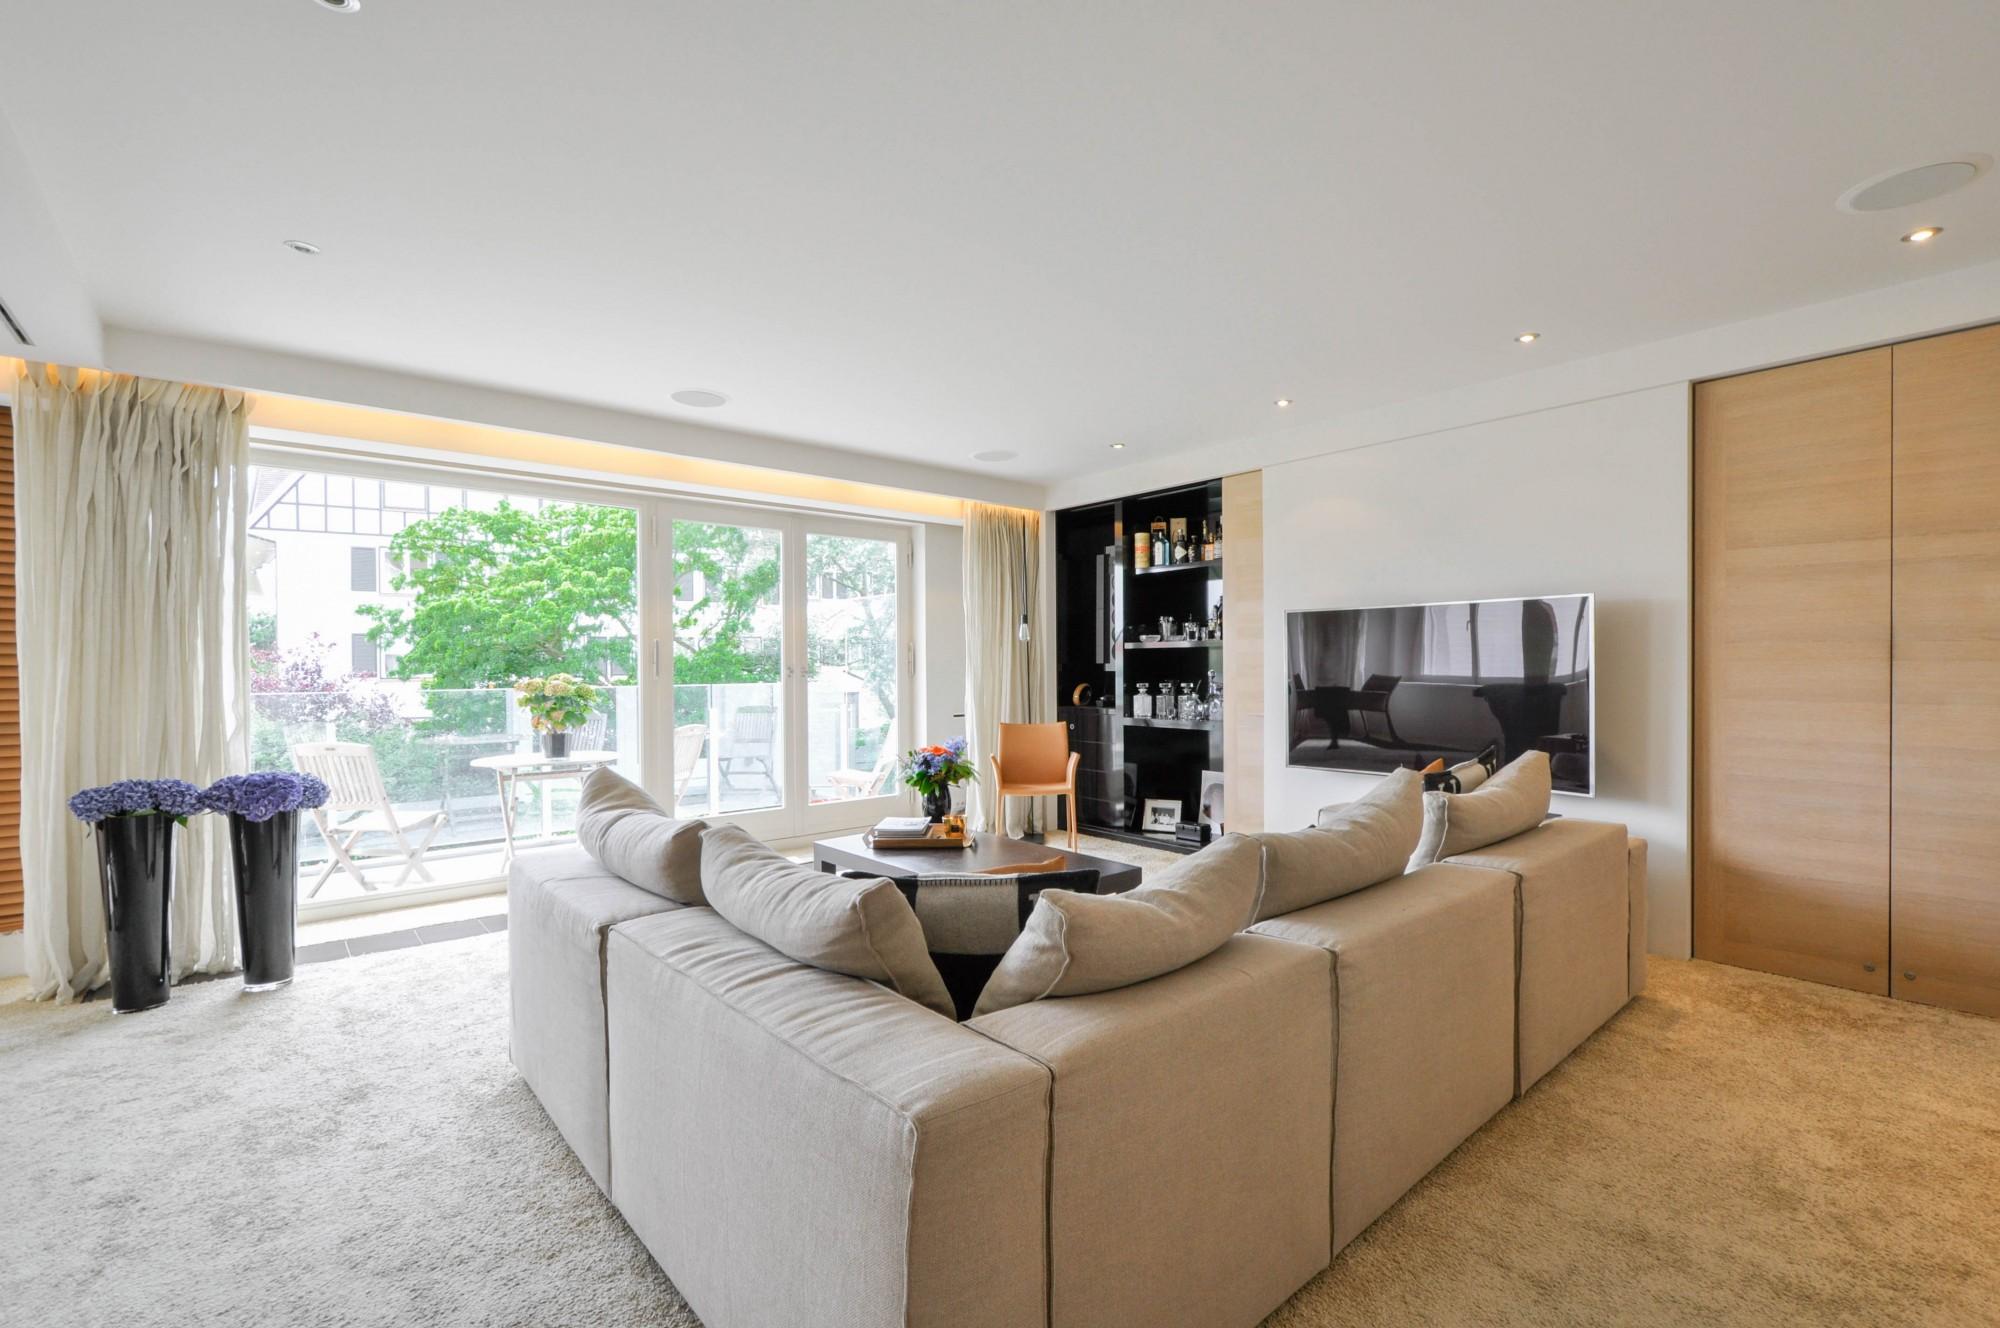 Vente Appartement 2 CH Knokke-Zoute - Villa résidentielle / près du Minigolf Zoute